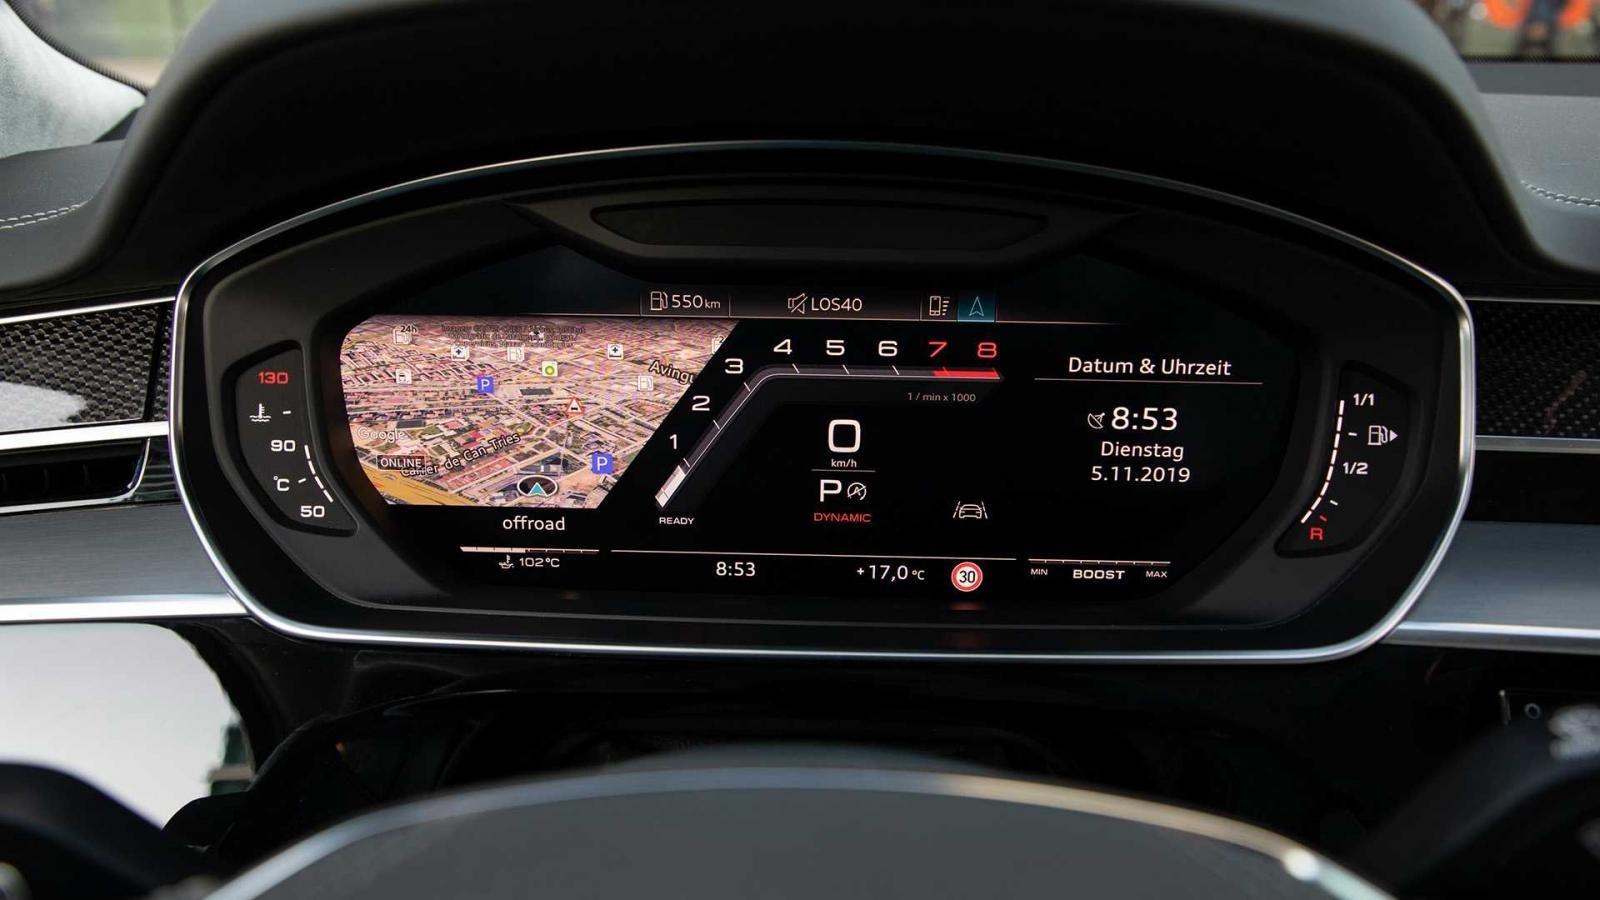 Đánh giá xe Audi S8 2020 về trang bị tiện nghi: bảng điều khiển